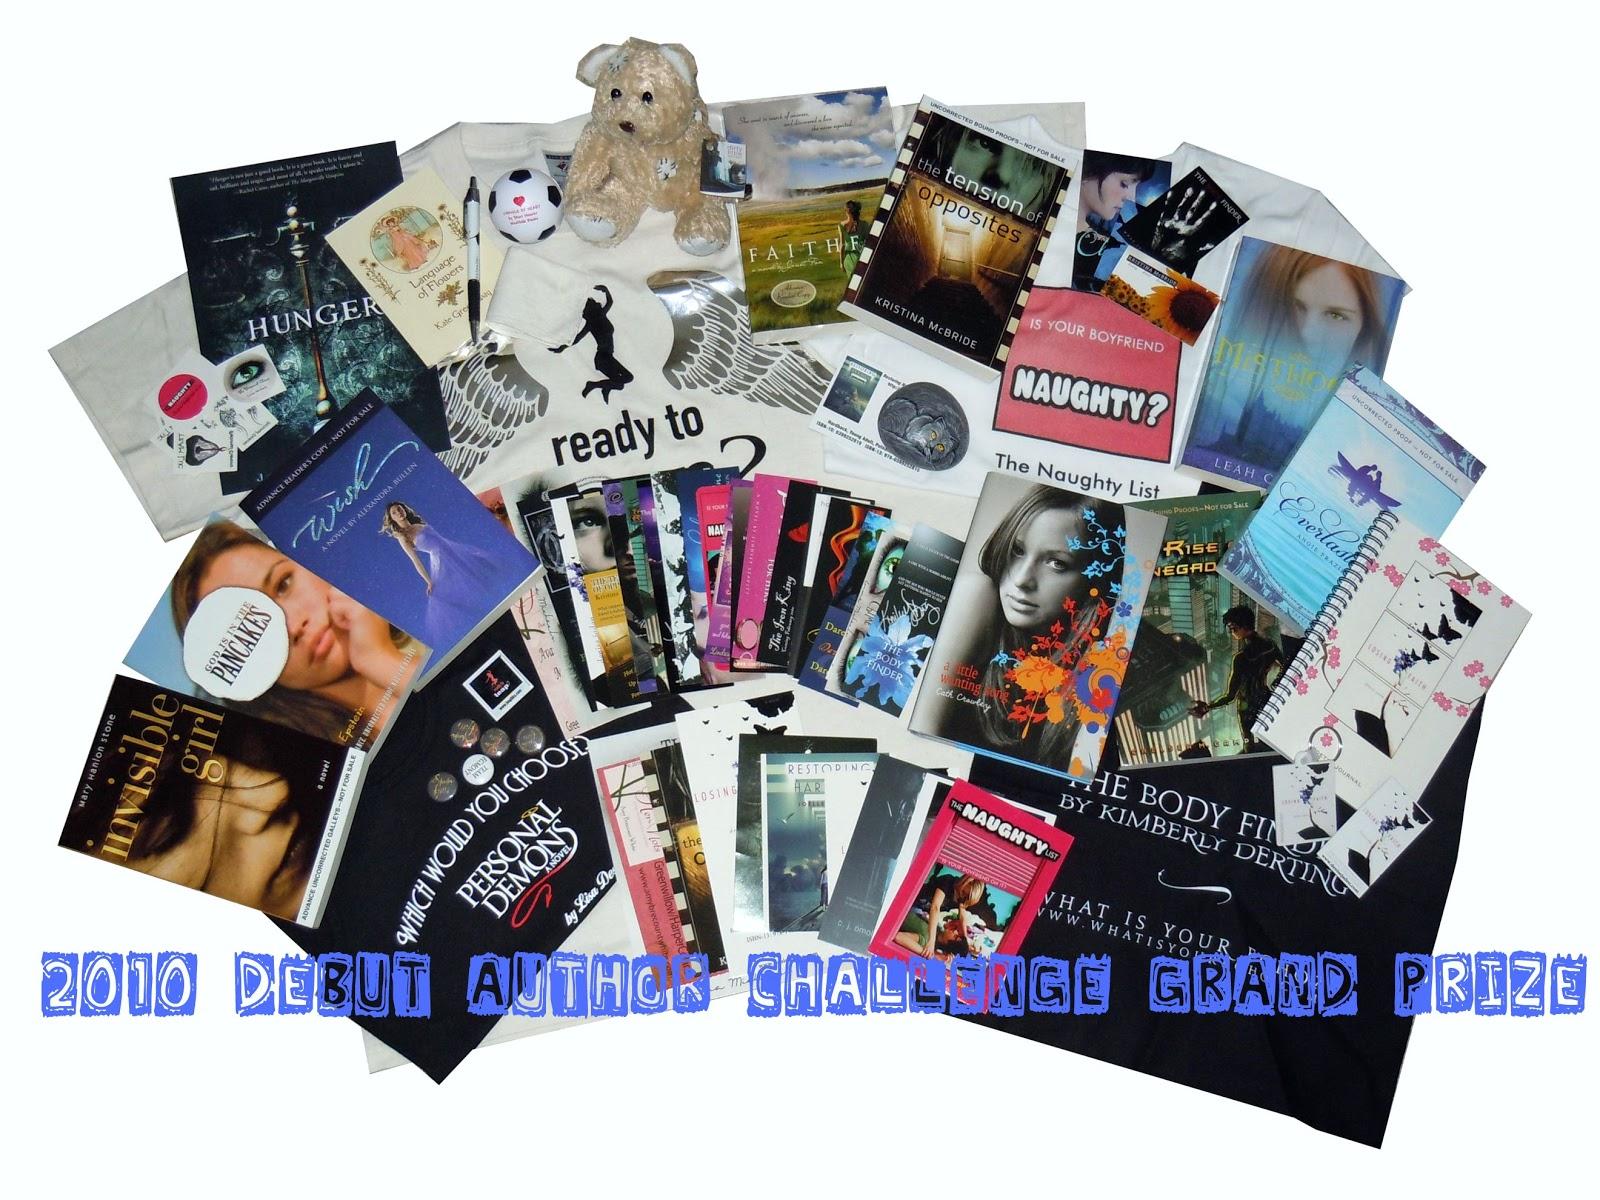 http://1.bp.blogspot.com/_DQJgx8rLjNQ/TR-a_1EL48I/AAAAAAAALx4/eM20qU-2-Jk/s1600/DSCN1141.jpg